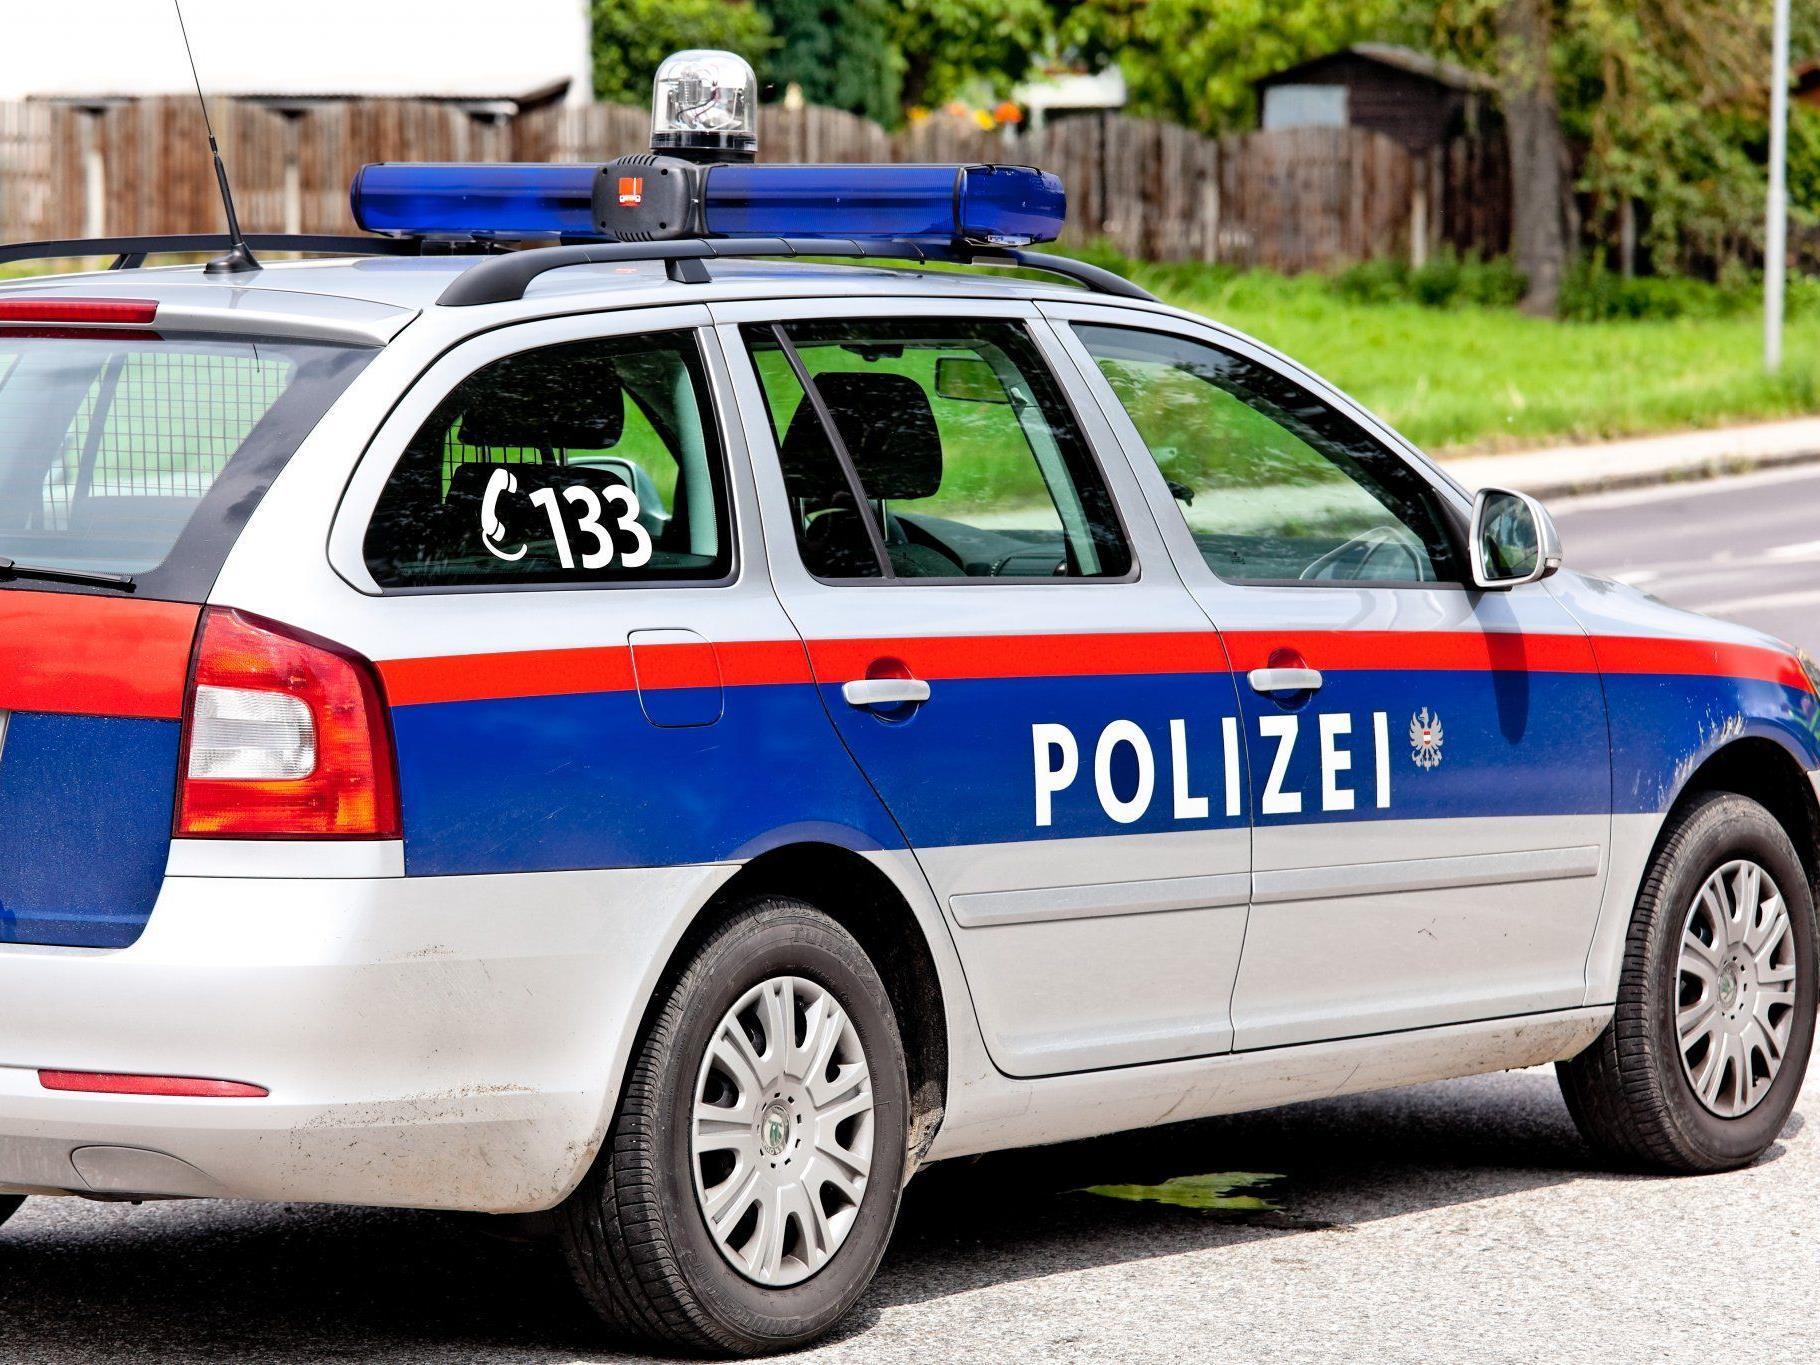 Die Polizei wurde auf die drei Verdächtigen aufmerksam.